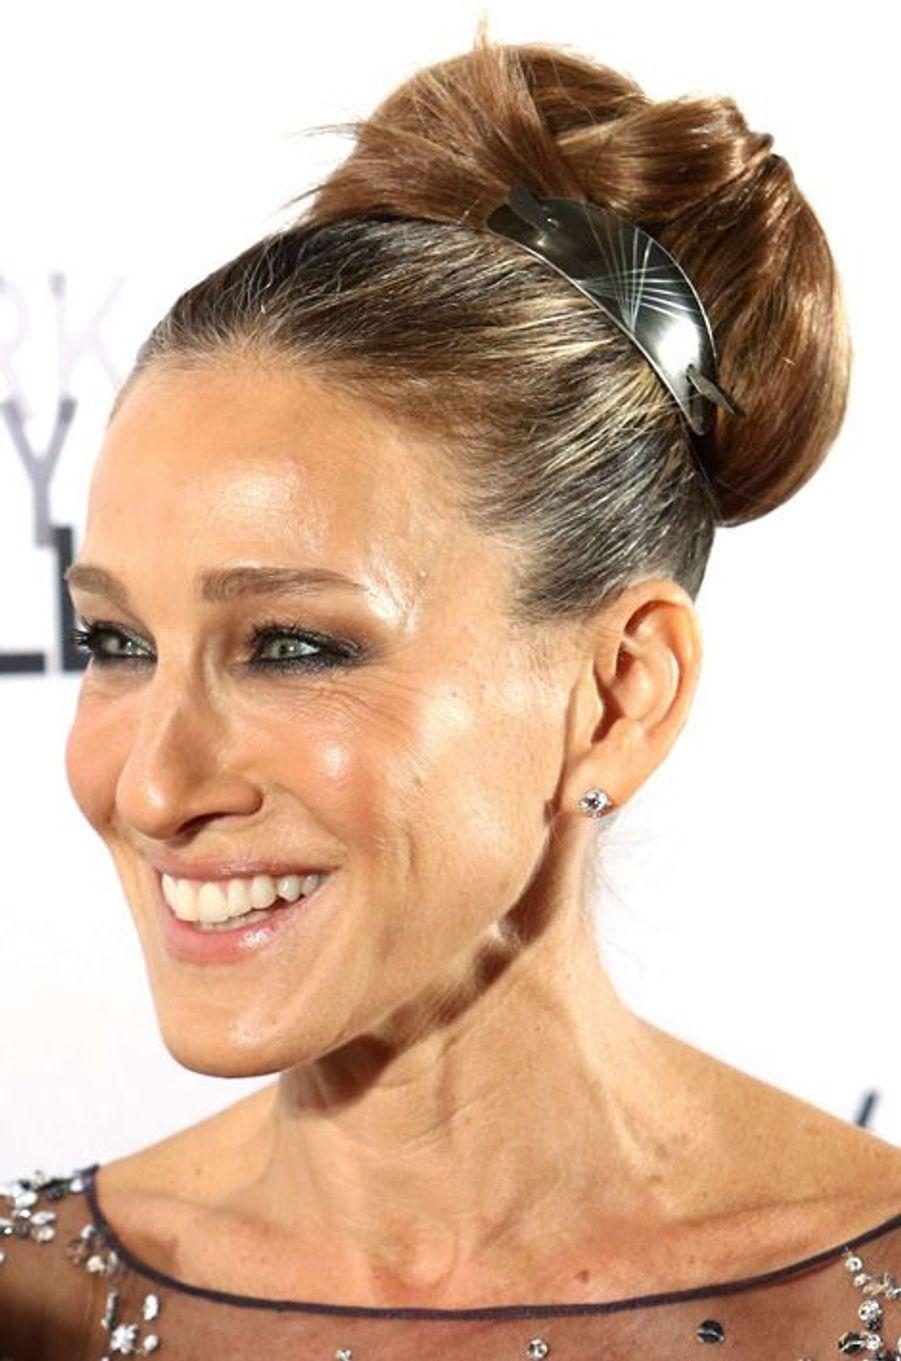 Le 30 septembre dernier, l'actrice Sarah Jessica Parker a opté pour un chignon haut sophistiqué.